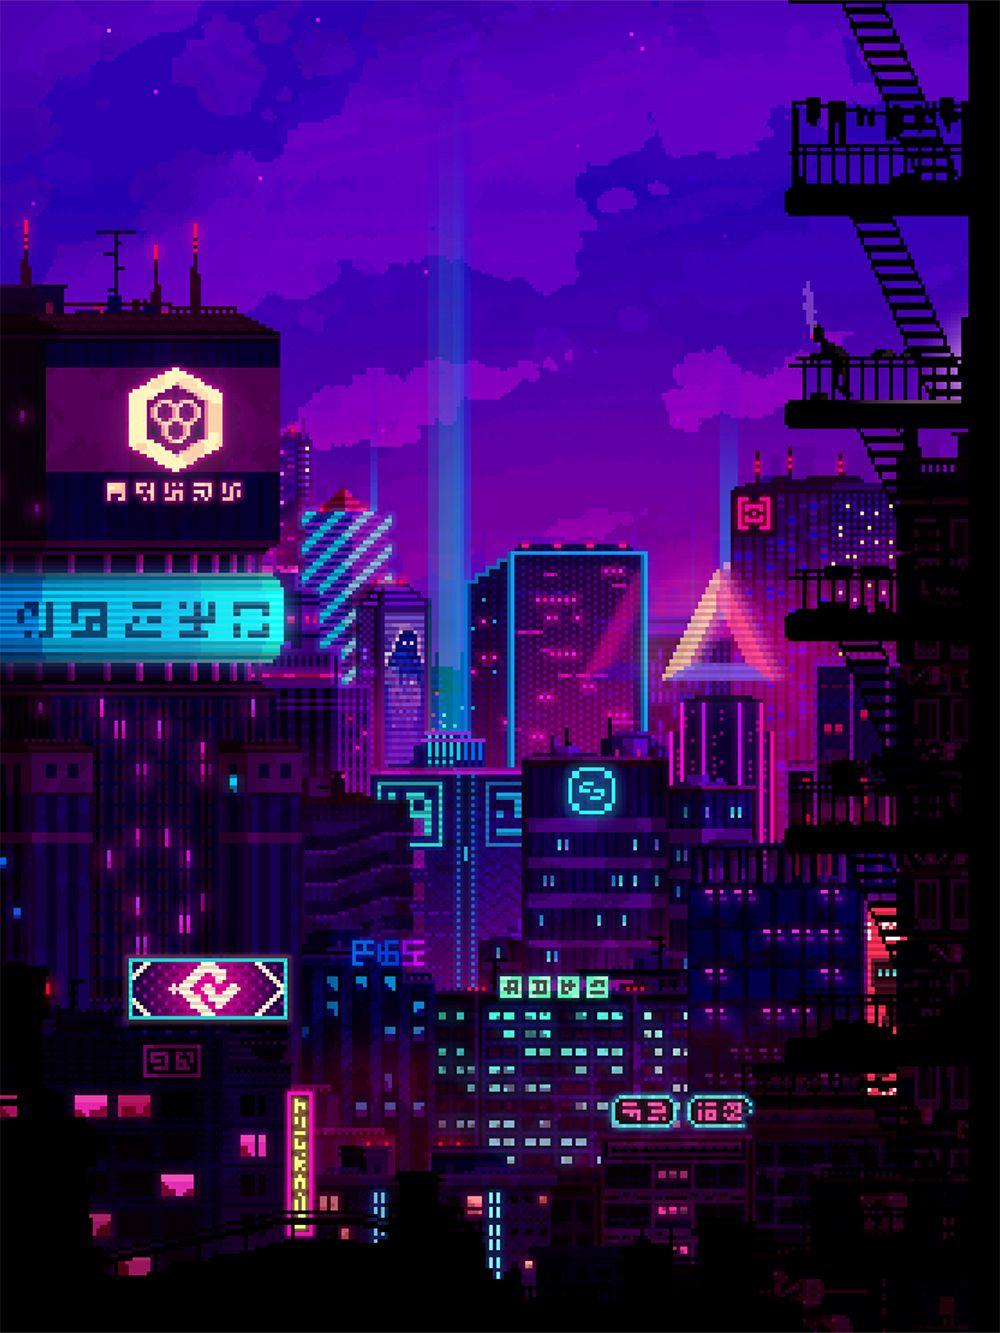 Pixel art 30 great examples in 2020 Pixel art